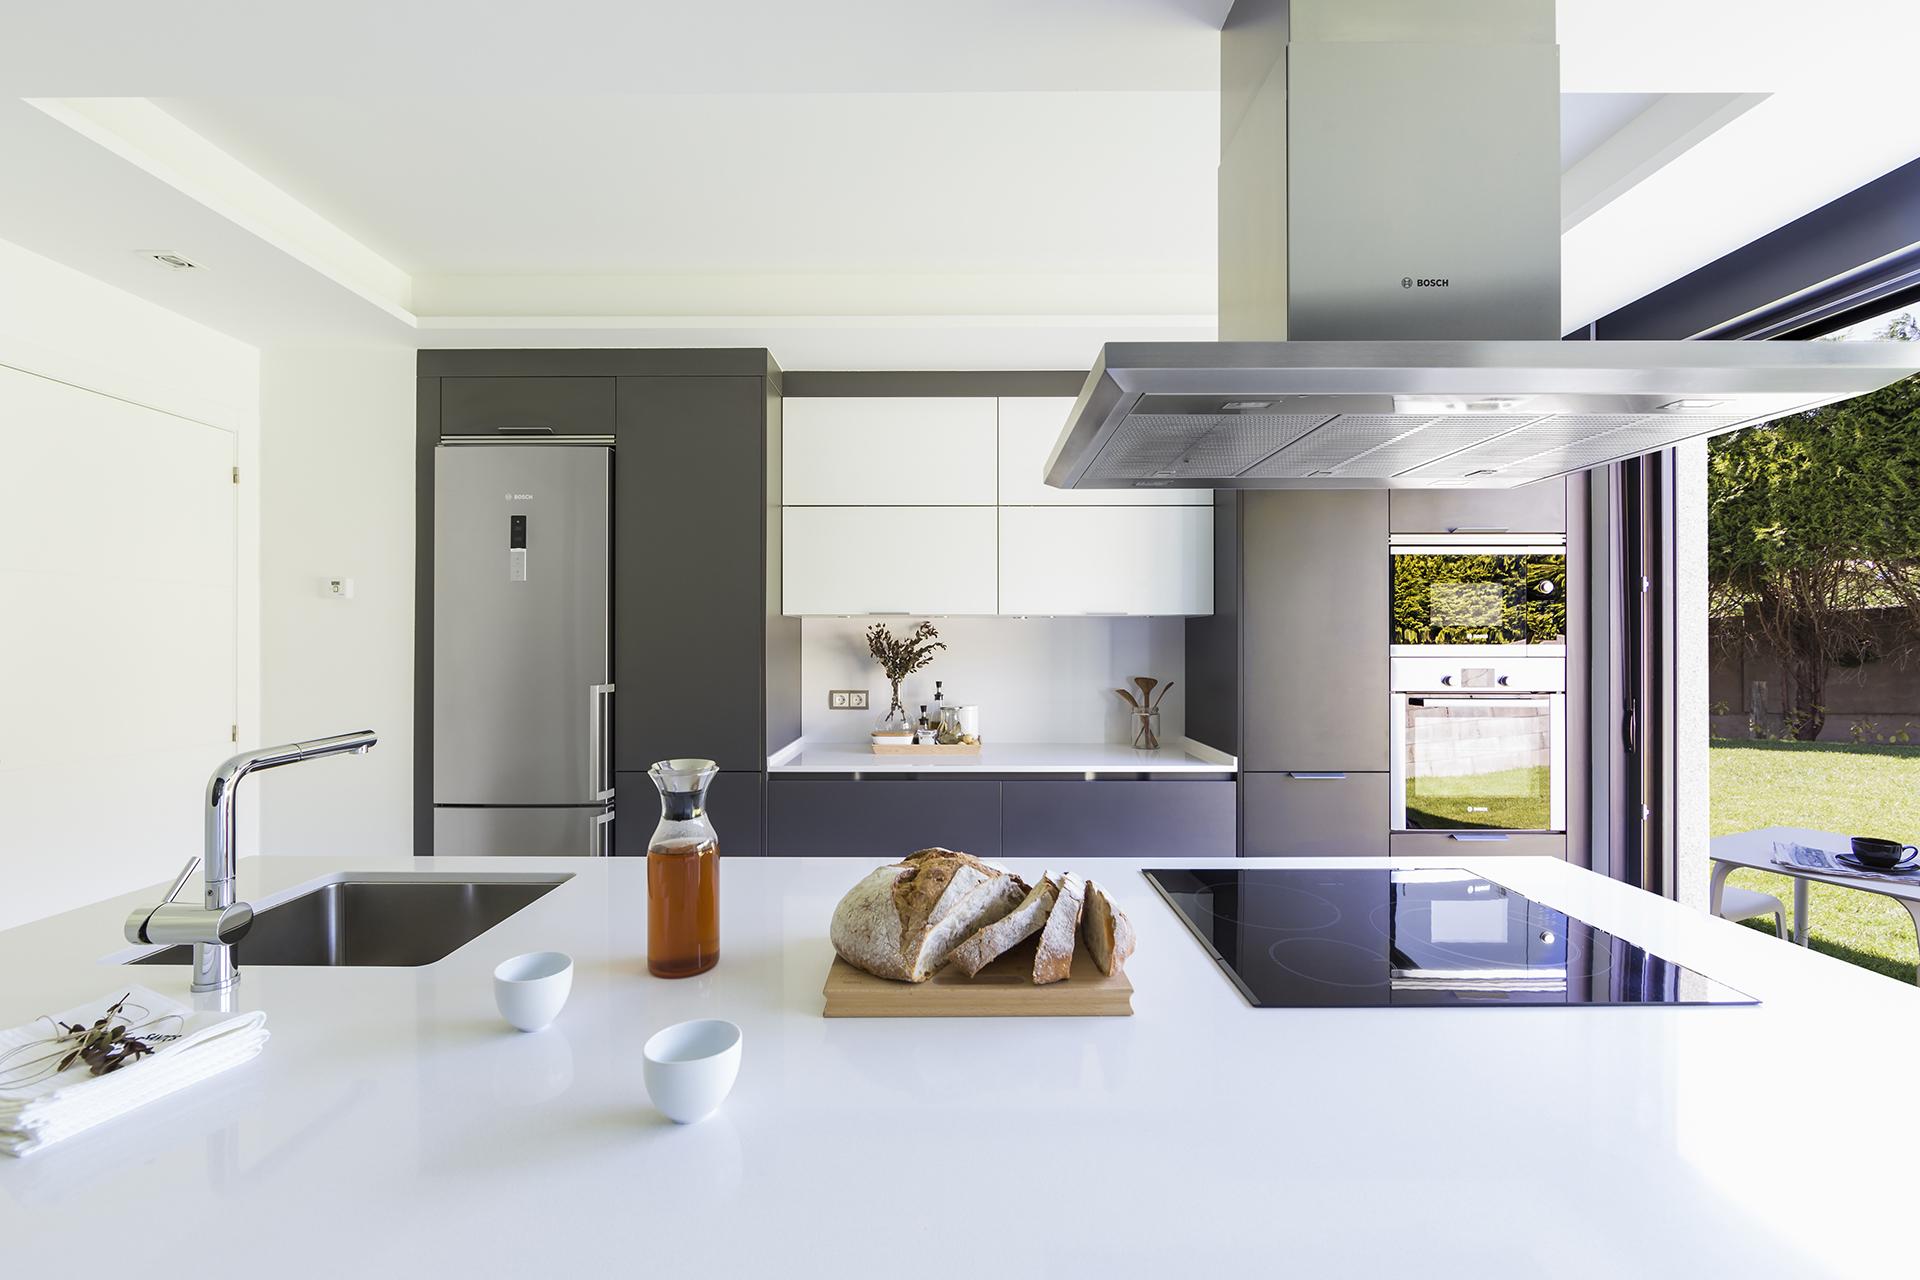 Encimeras de cocina | Silestone | Cocinas Santos | Santiago Interiores